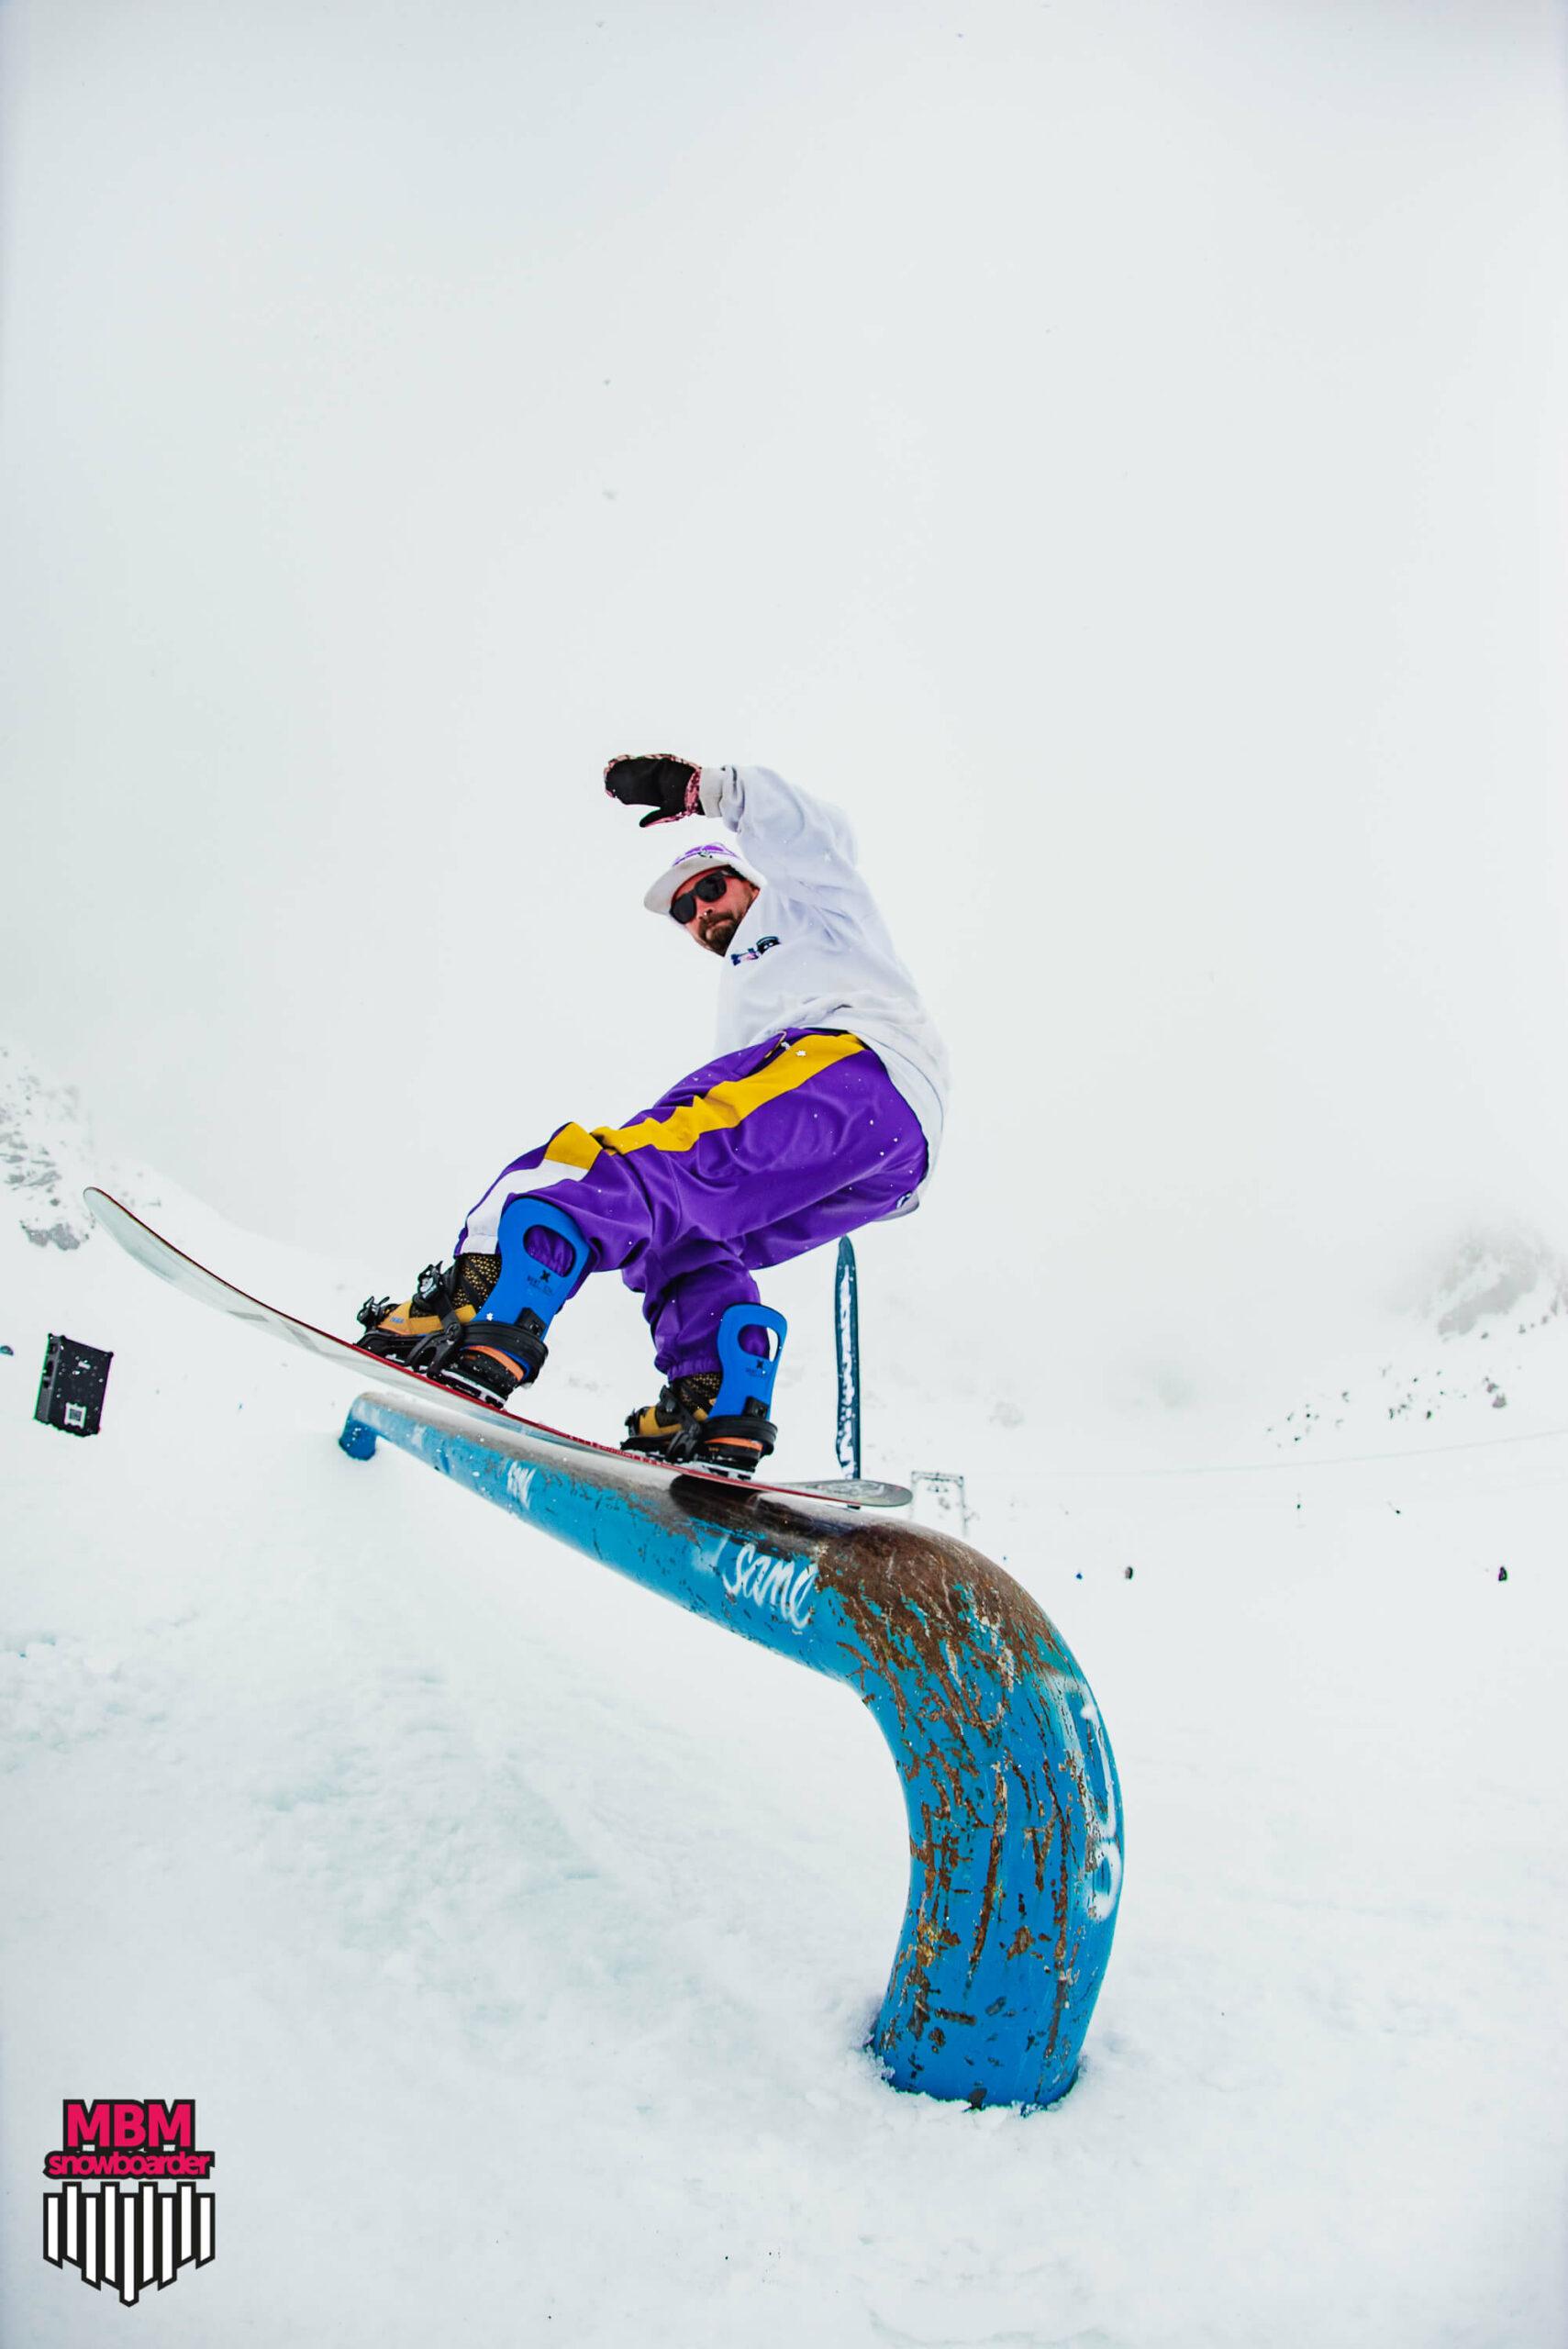 snowboarderMBM_sd_kaunertal_095